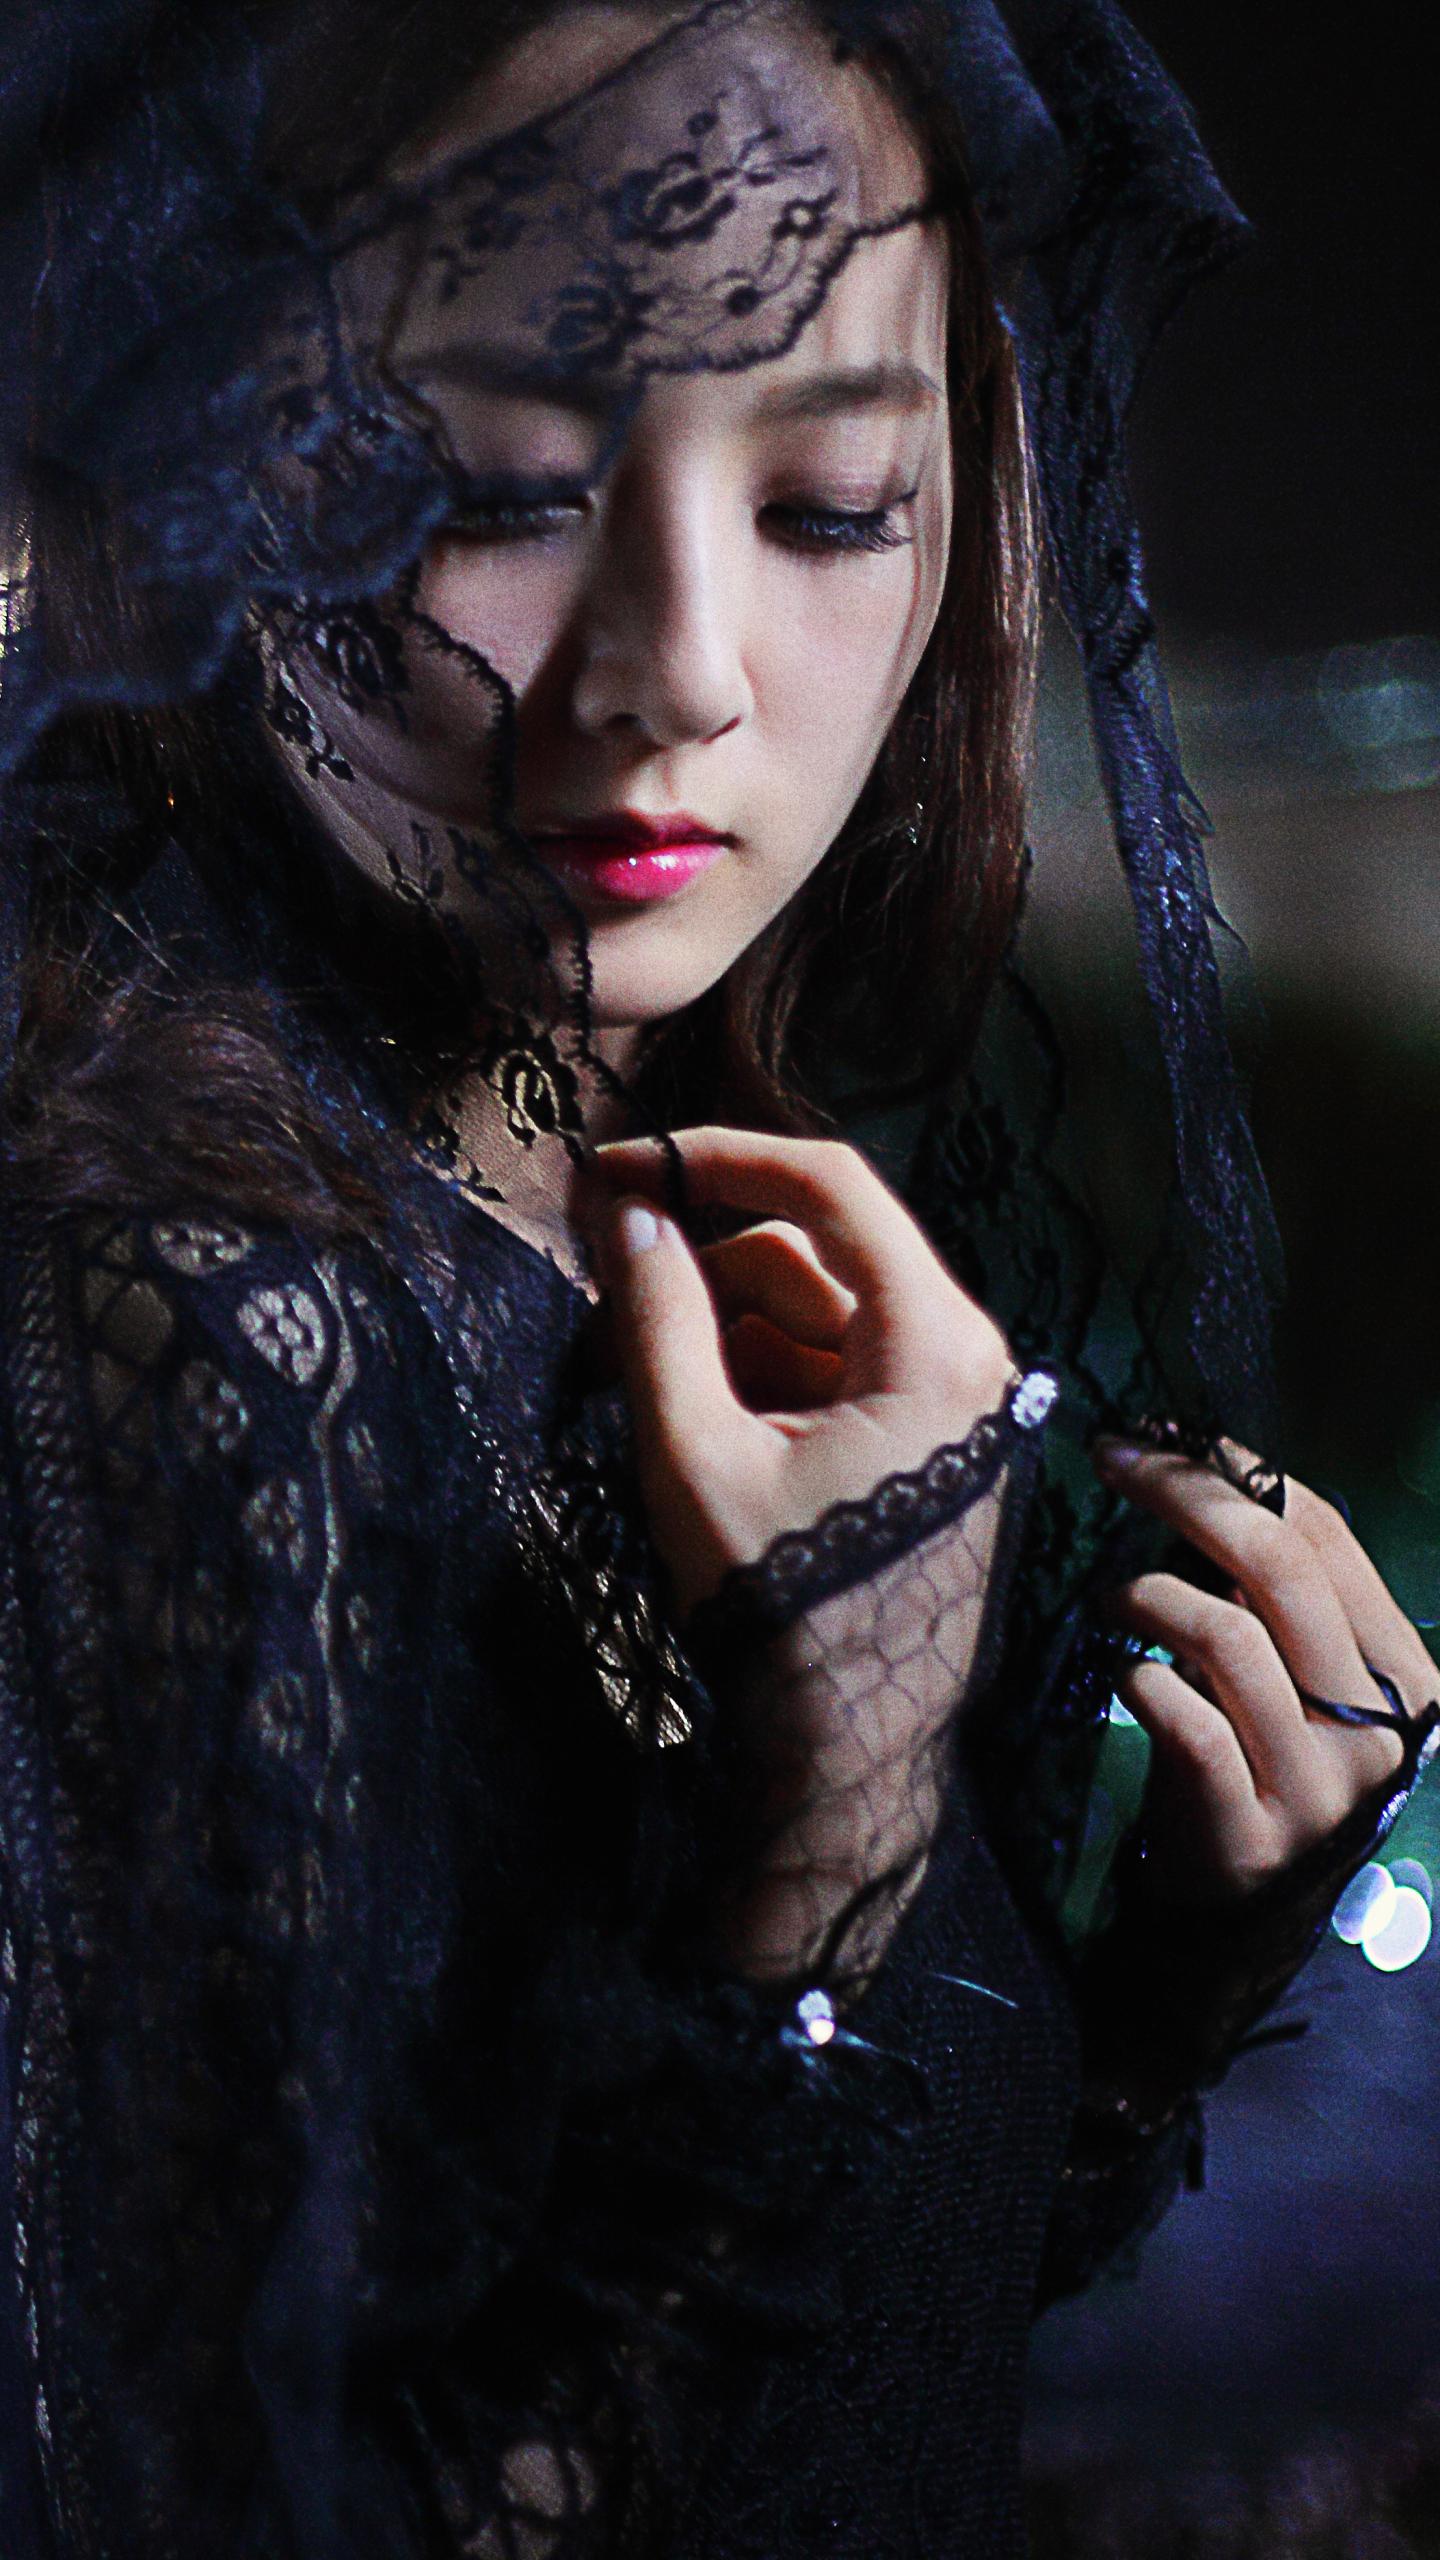 WomenMikako Zhang Kaijie 1440x2560 Wallpaper ID 637274 1440x2560